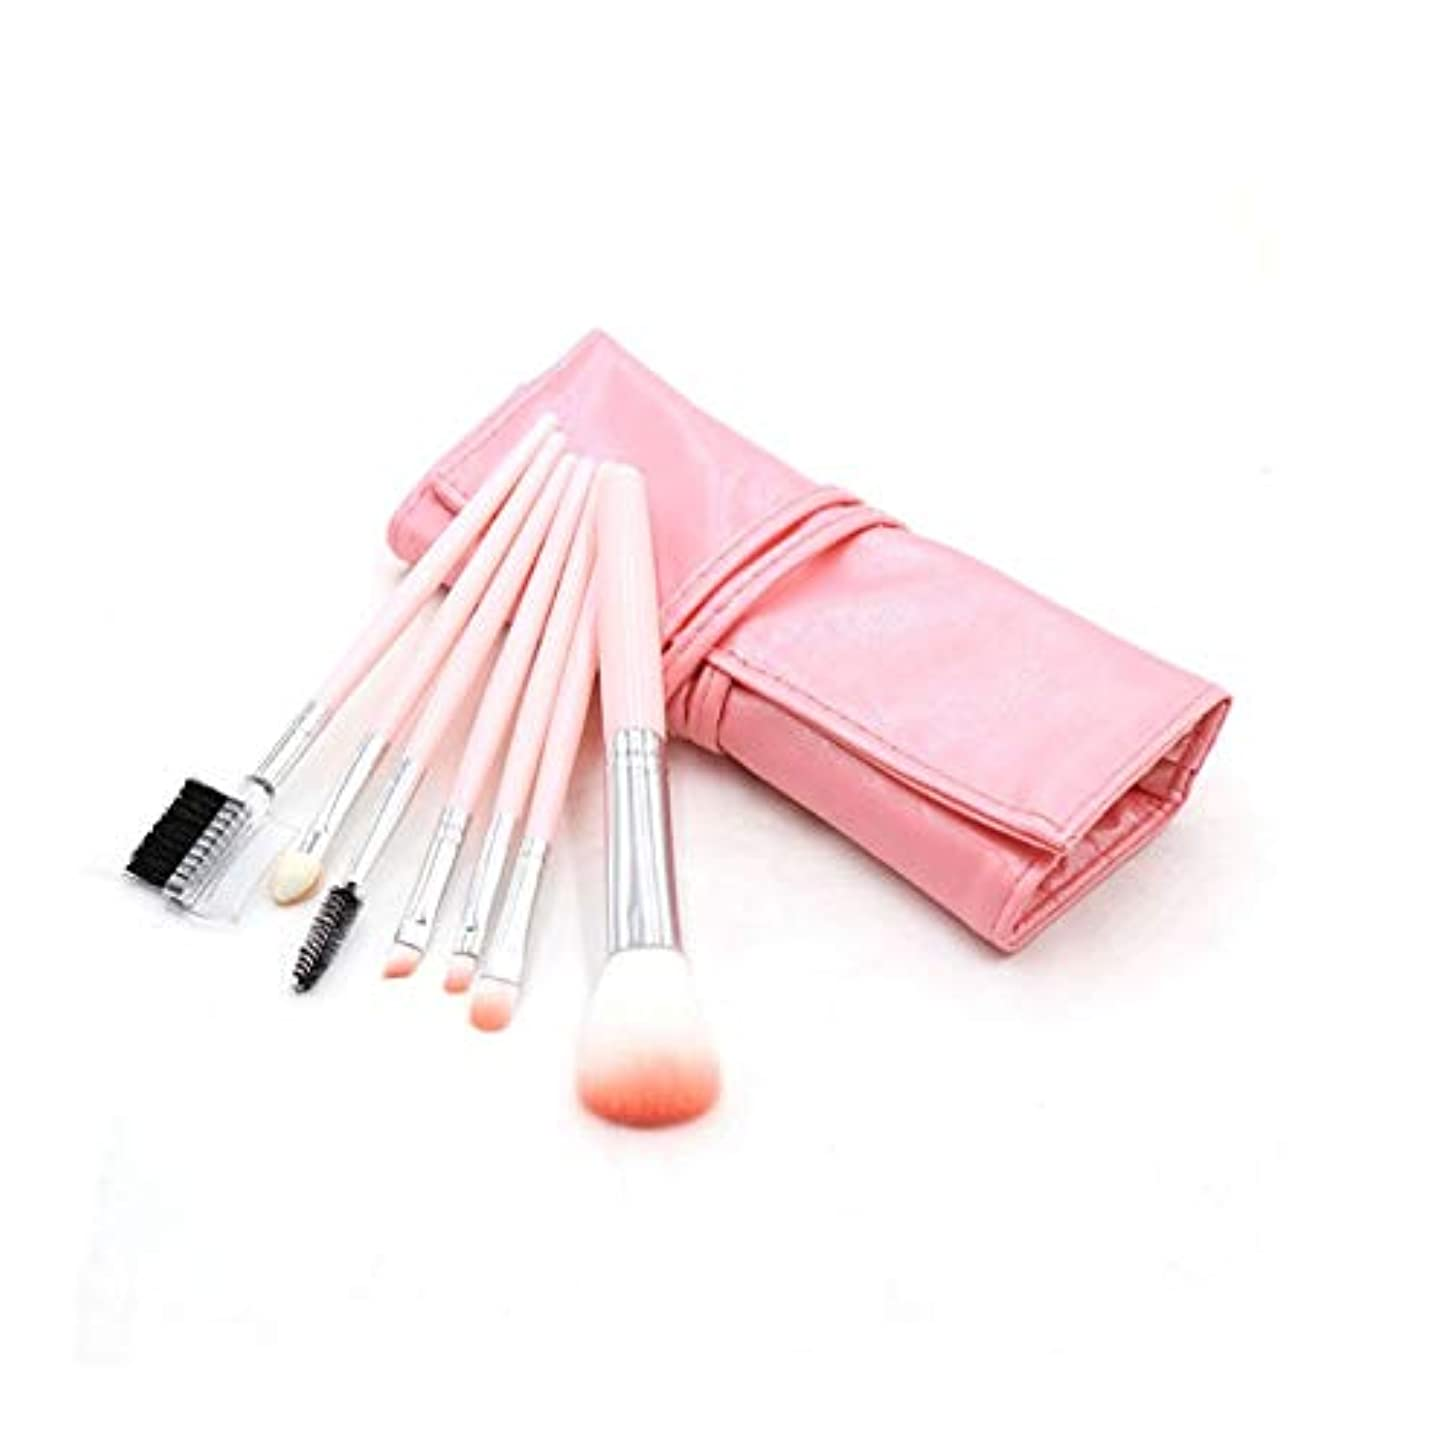 技術的な光の危機化粧ブラシセット、ピンク7化粧ブラシ化粧ブラシセットアイシャドウブラシリップブラシ美容化粧道具